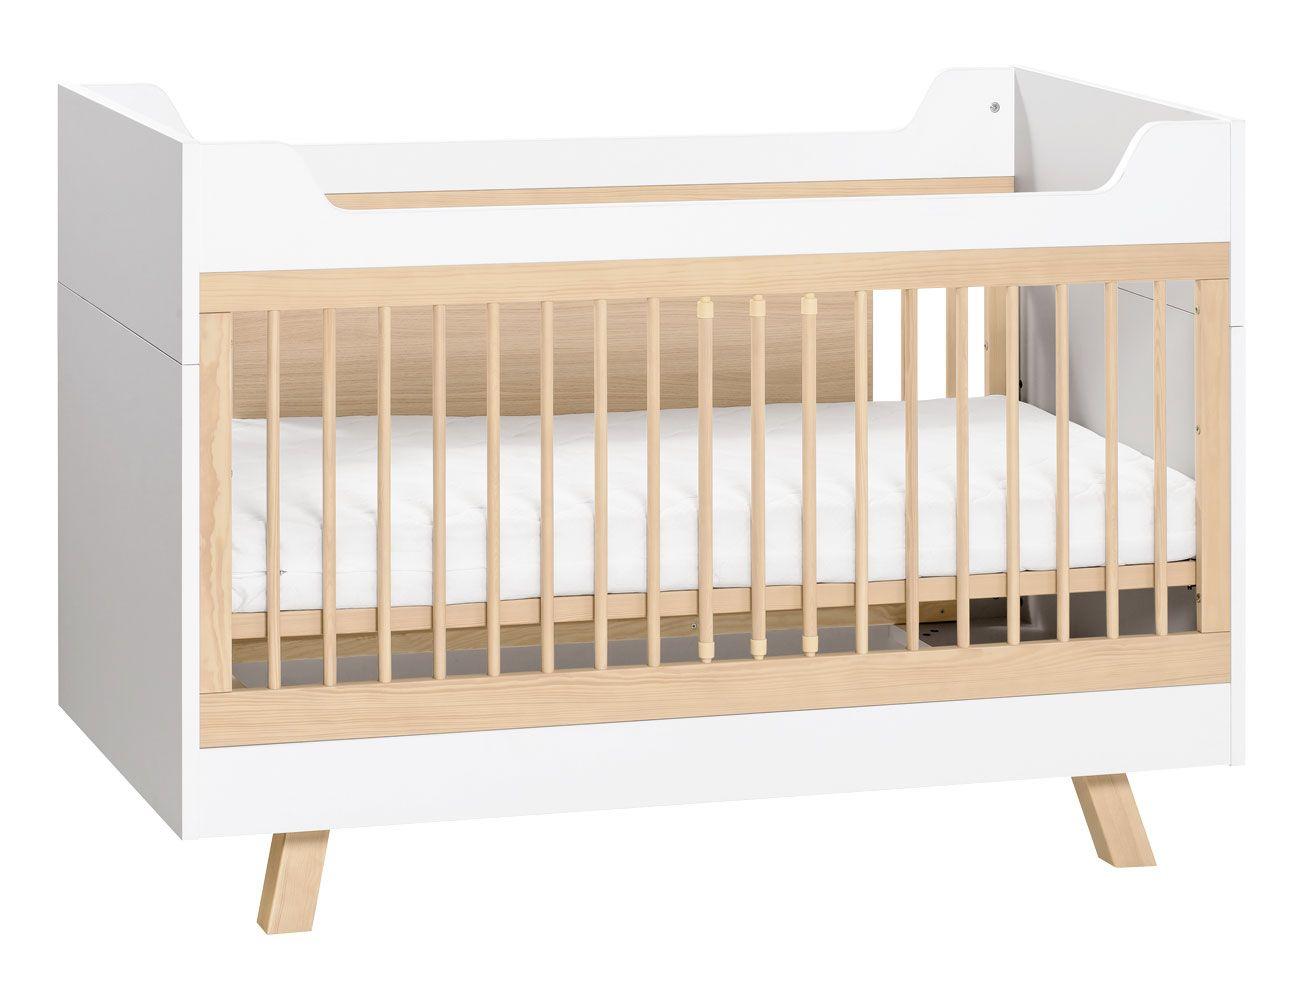 Babybett / Gitterbett Minnea 02, Farbe: Weiß / Eiche - Liegefläche: 70 x 140 cm (B x L)